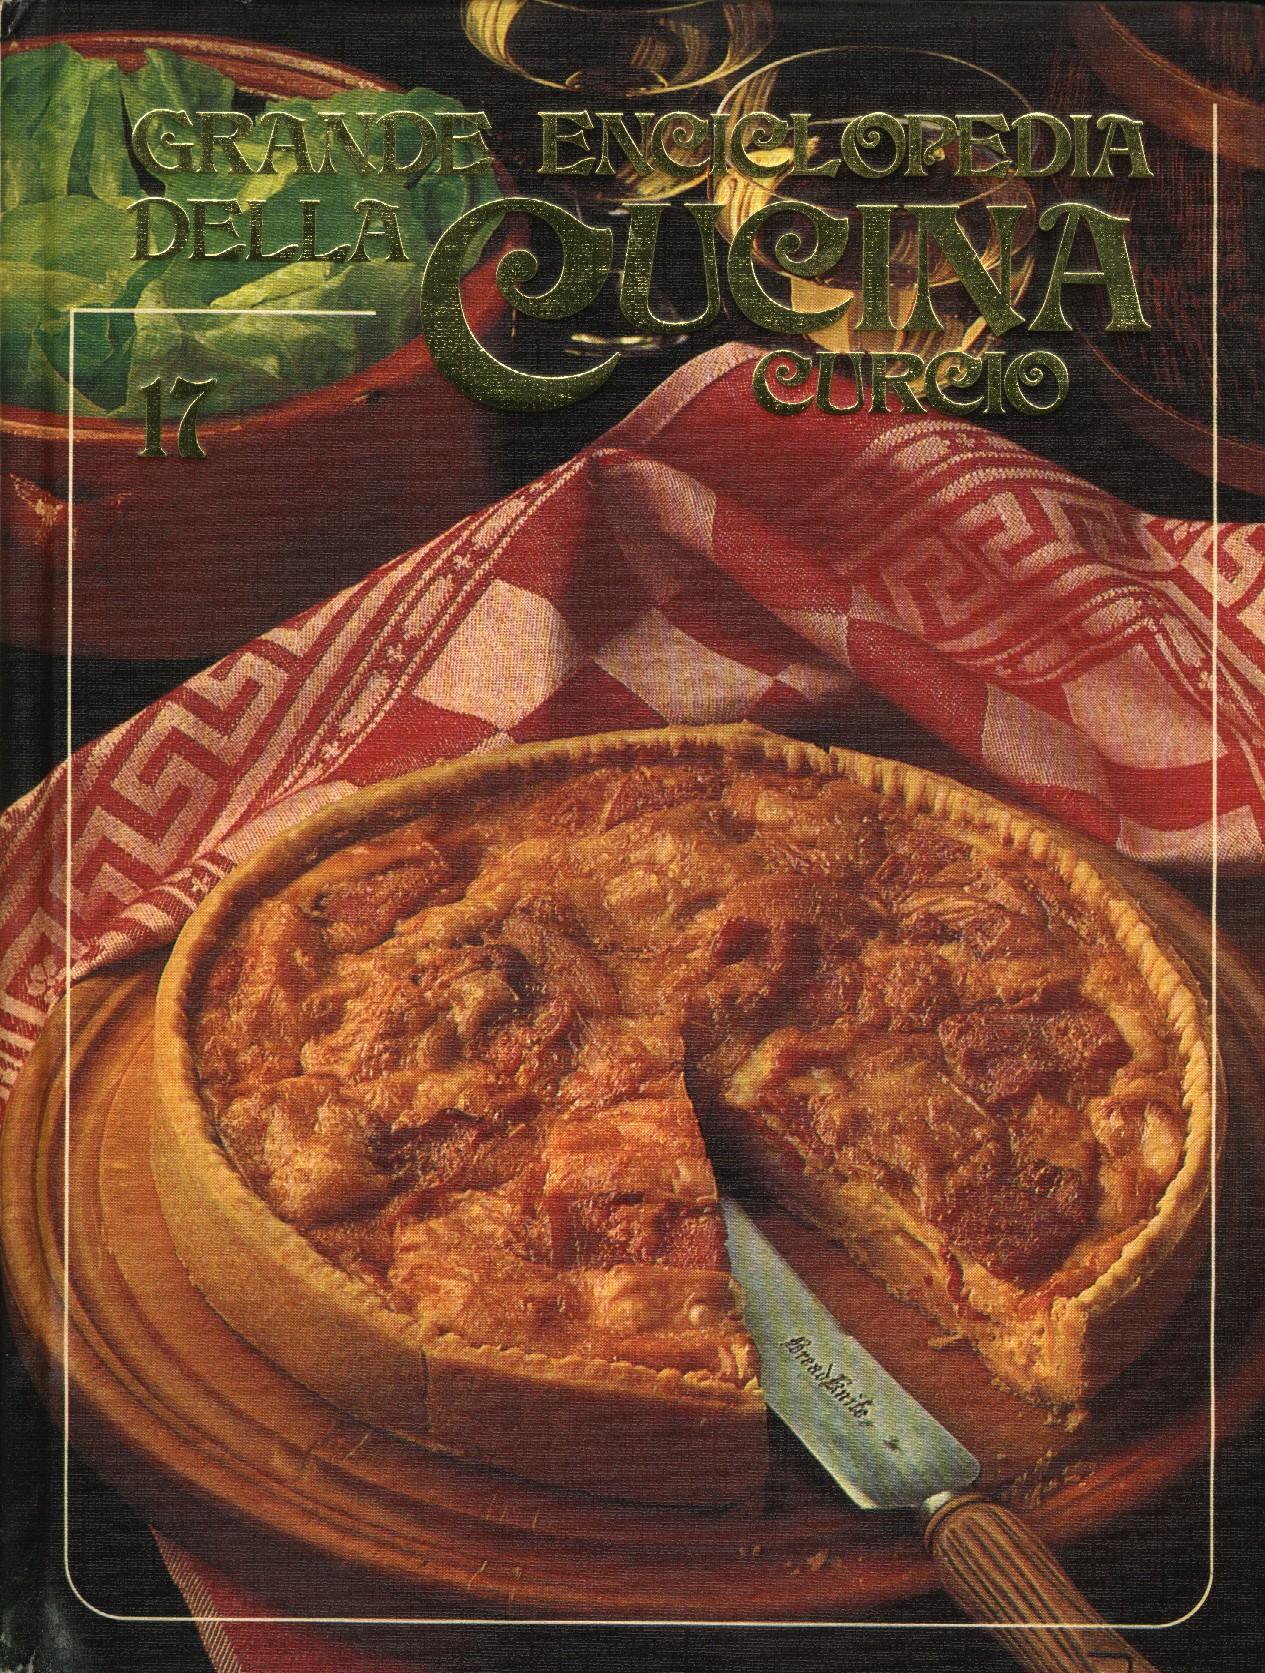 Grande Enciclopedia della Cucina Vol. 17 (por-ric)